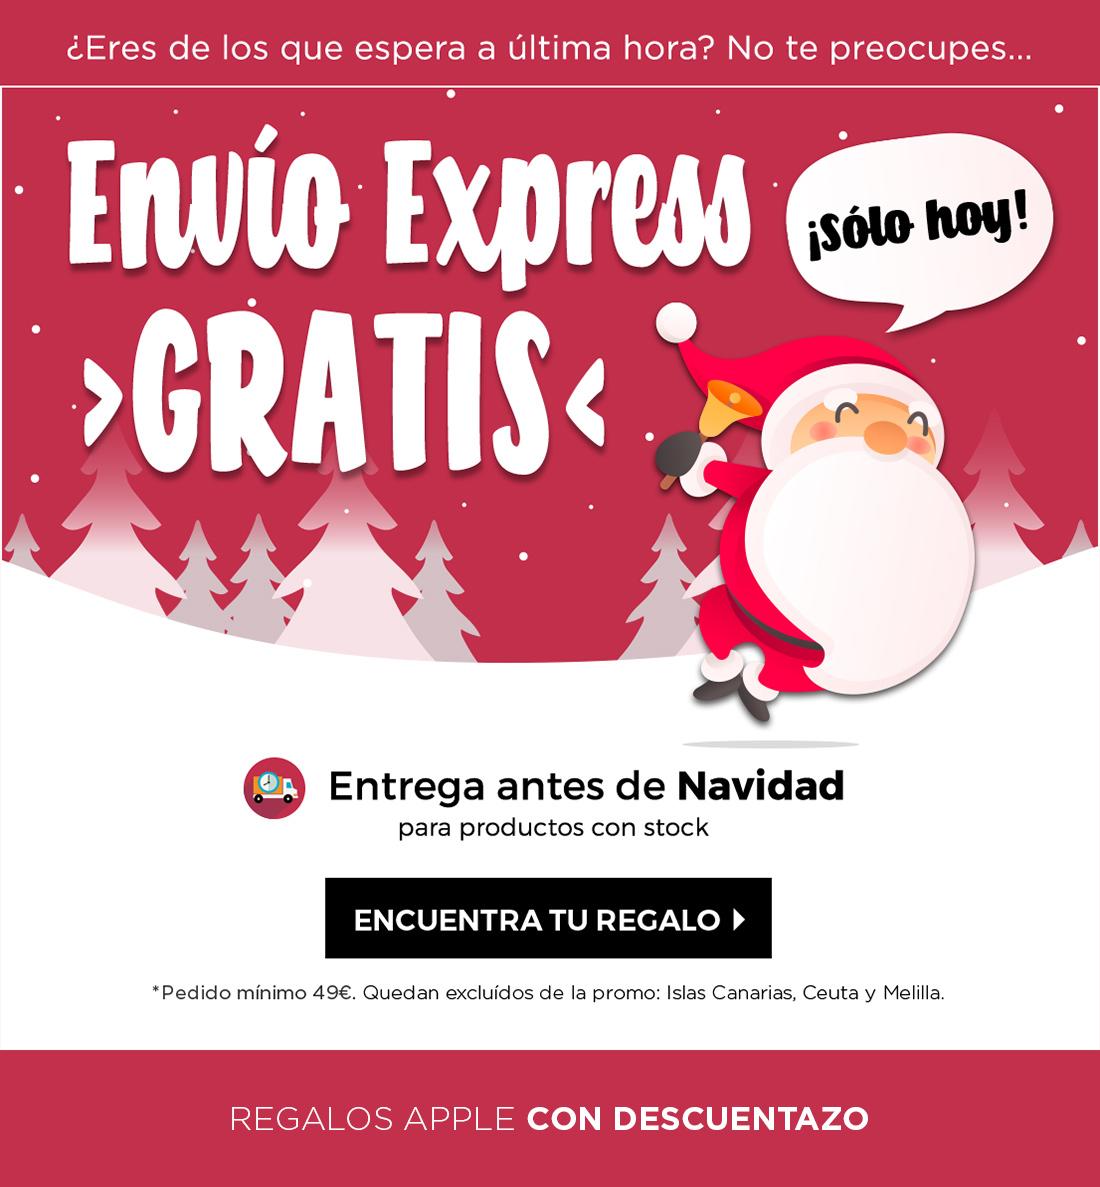 1 día + con Envío Express a coste cero